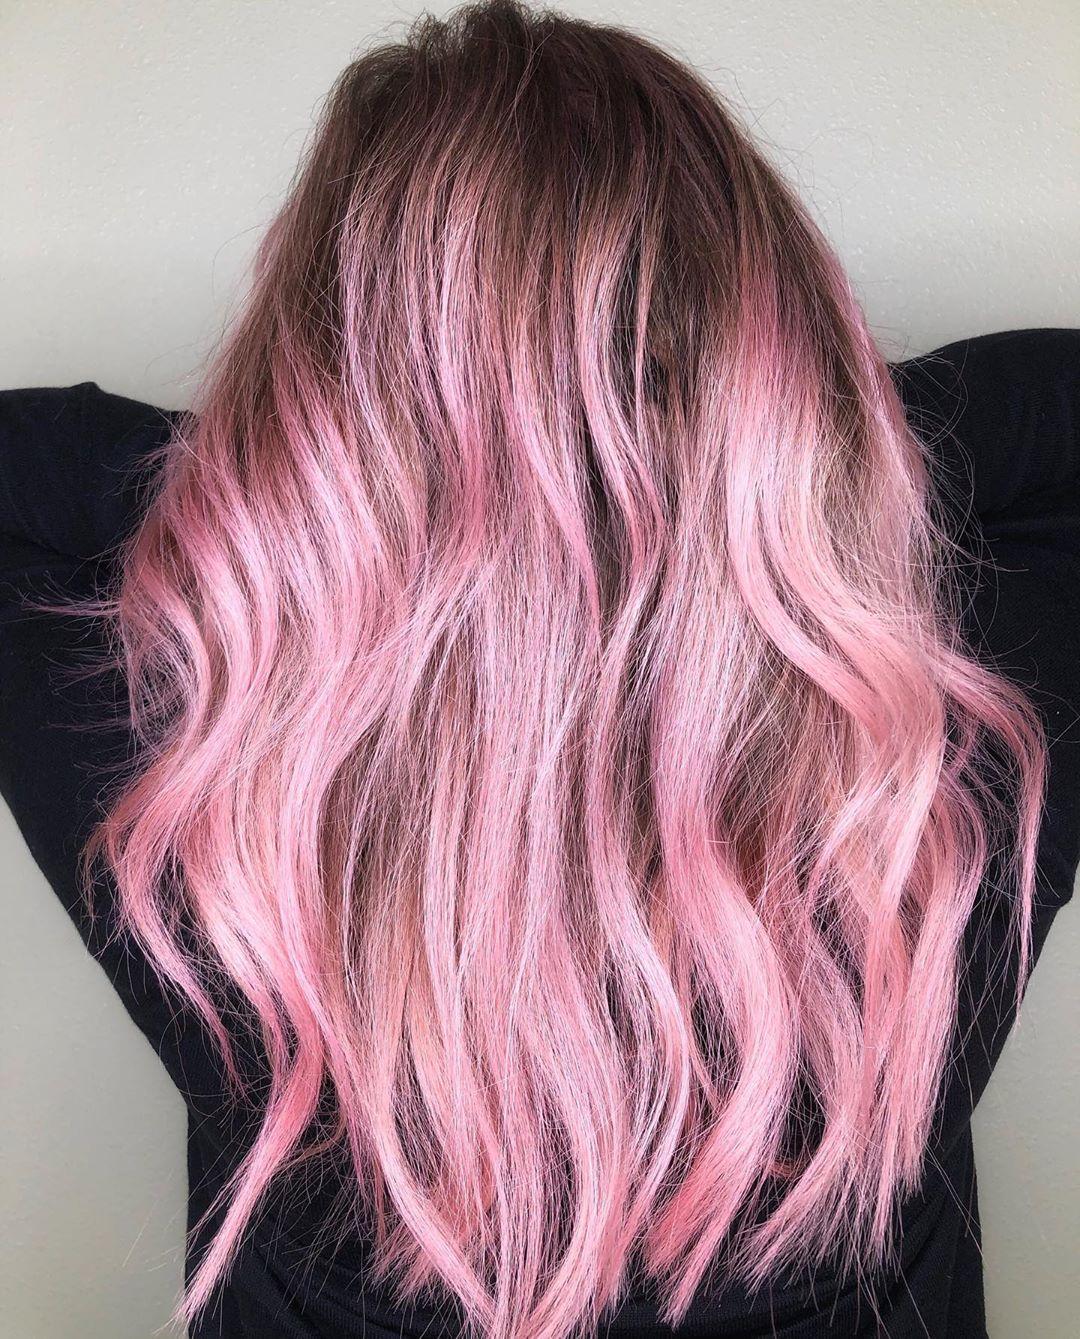 50 Eye Catching Ideas Of Rose Gold Hair For 2021 Hair Adviser